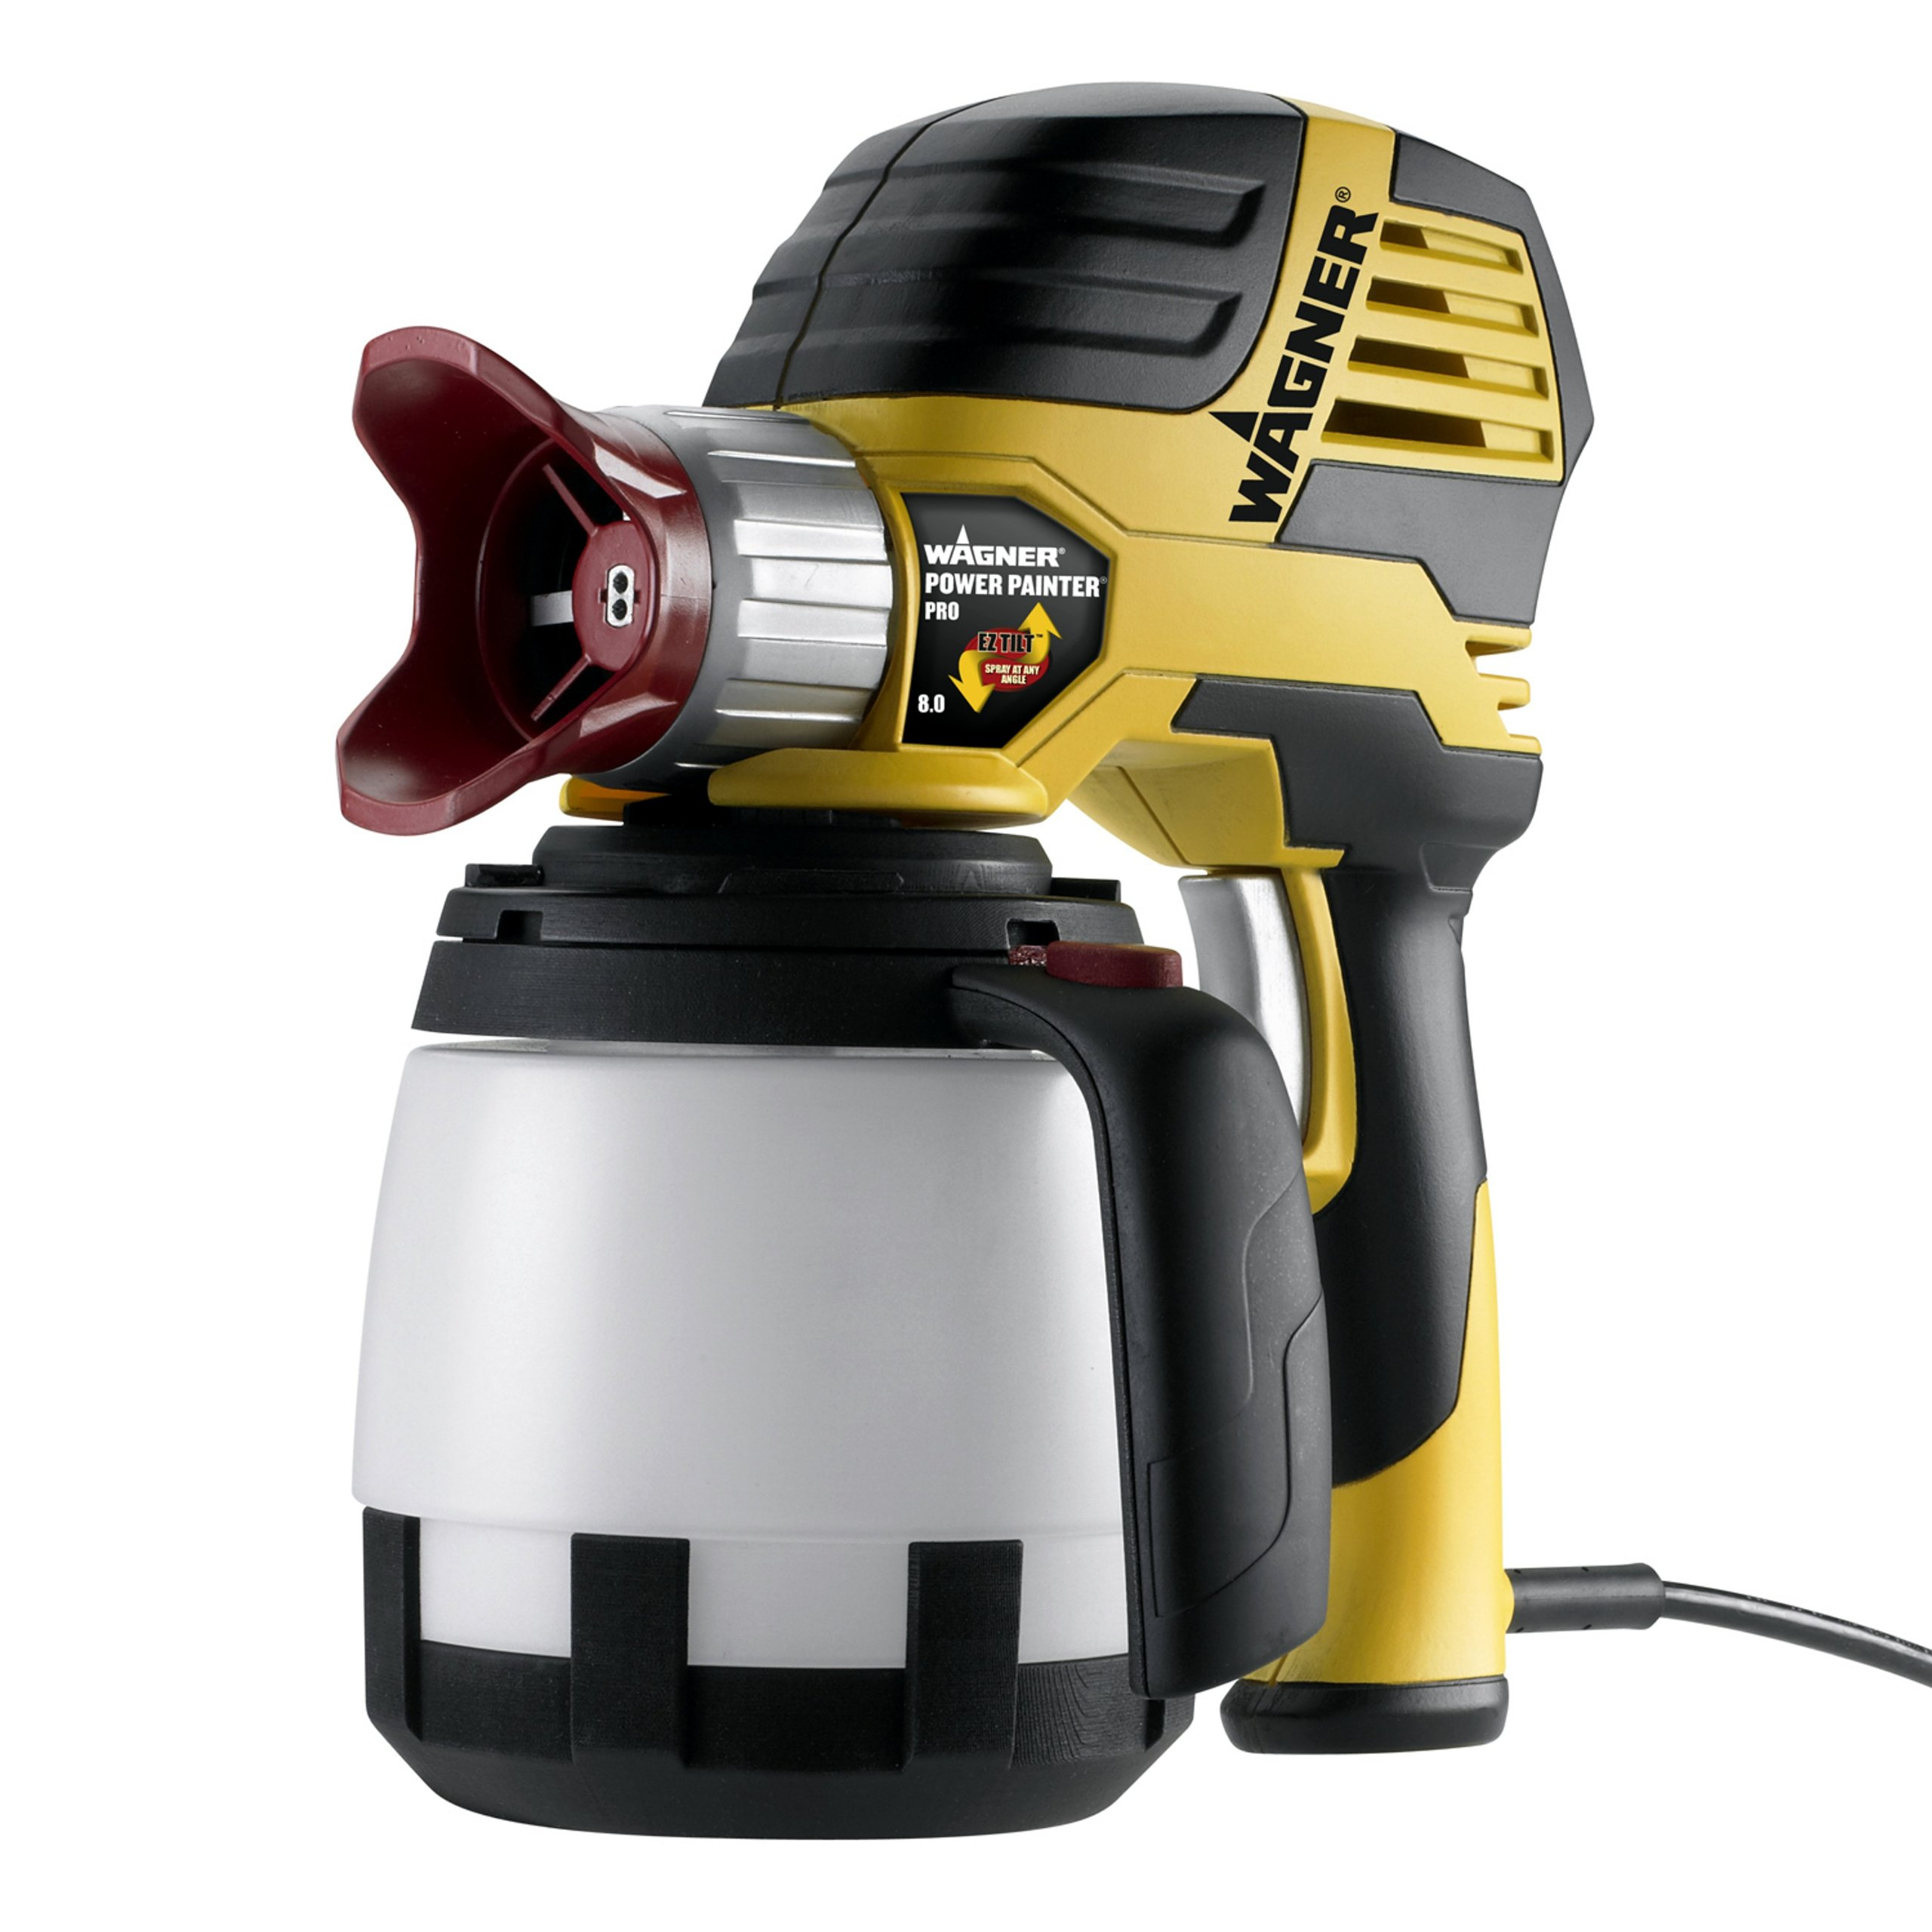 Wagner 0525029 EZ Tilt Power Painter Pro by Wagner Spraytech